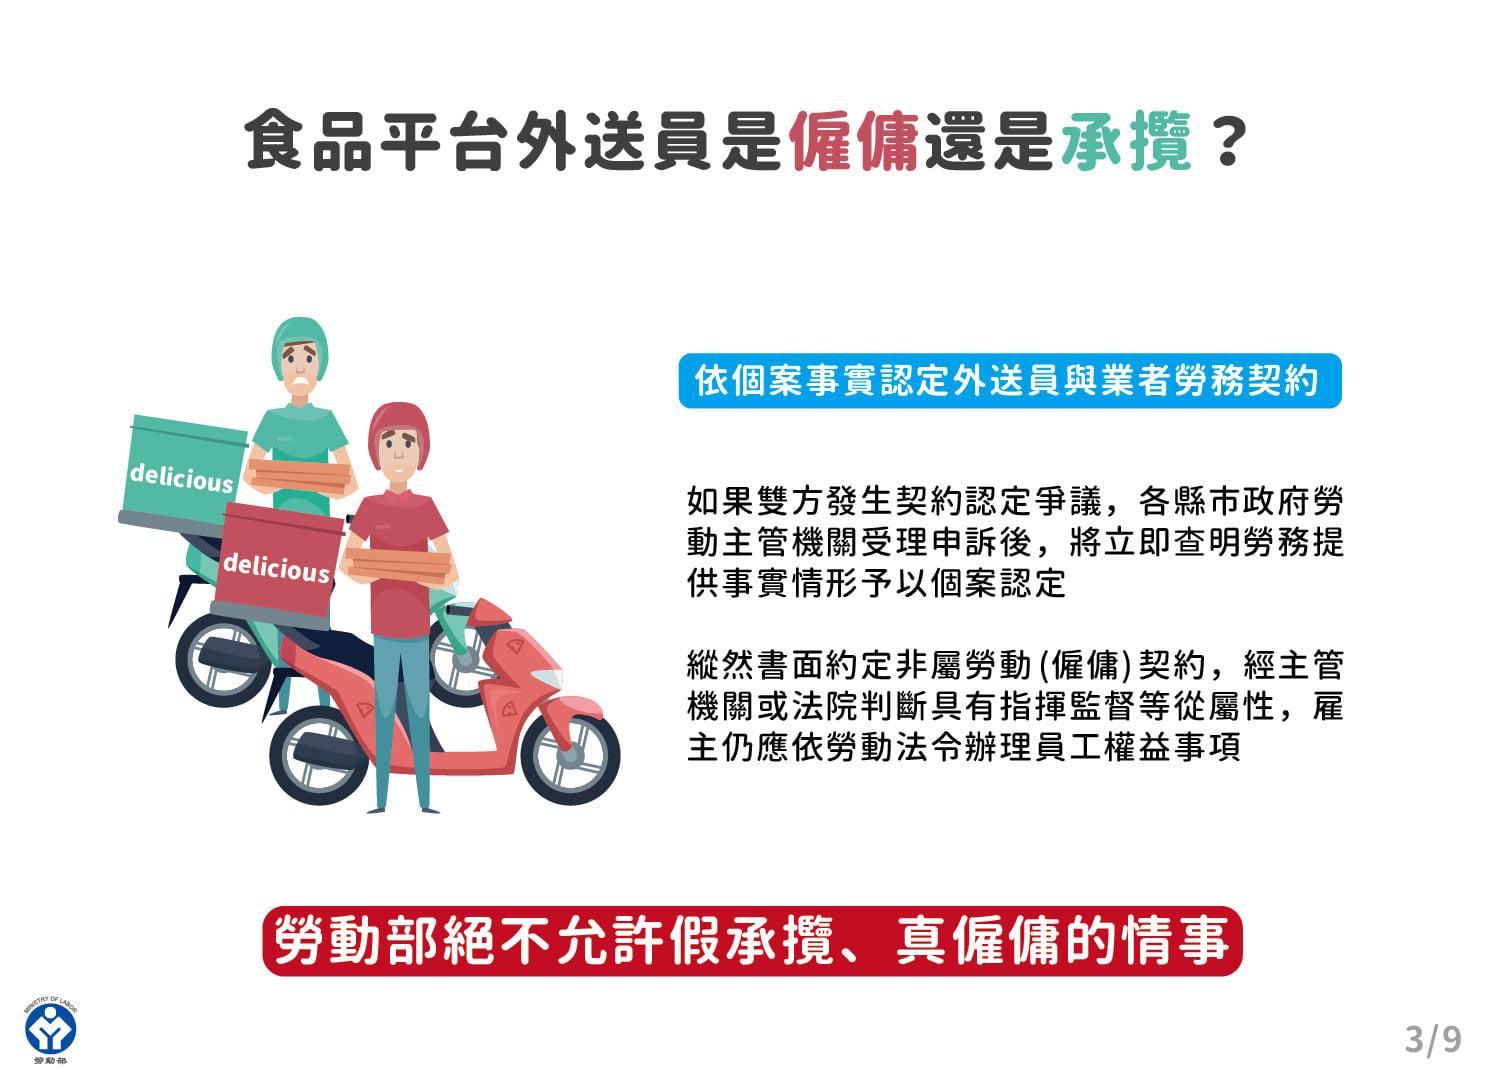 食品平台外送員勞動權益保障懶人包 勞動部-food panda